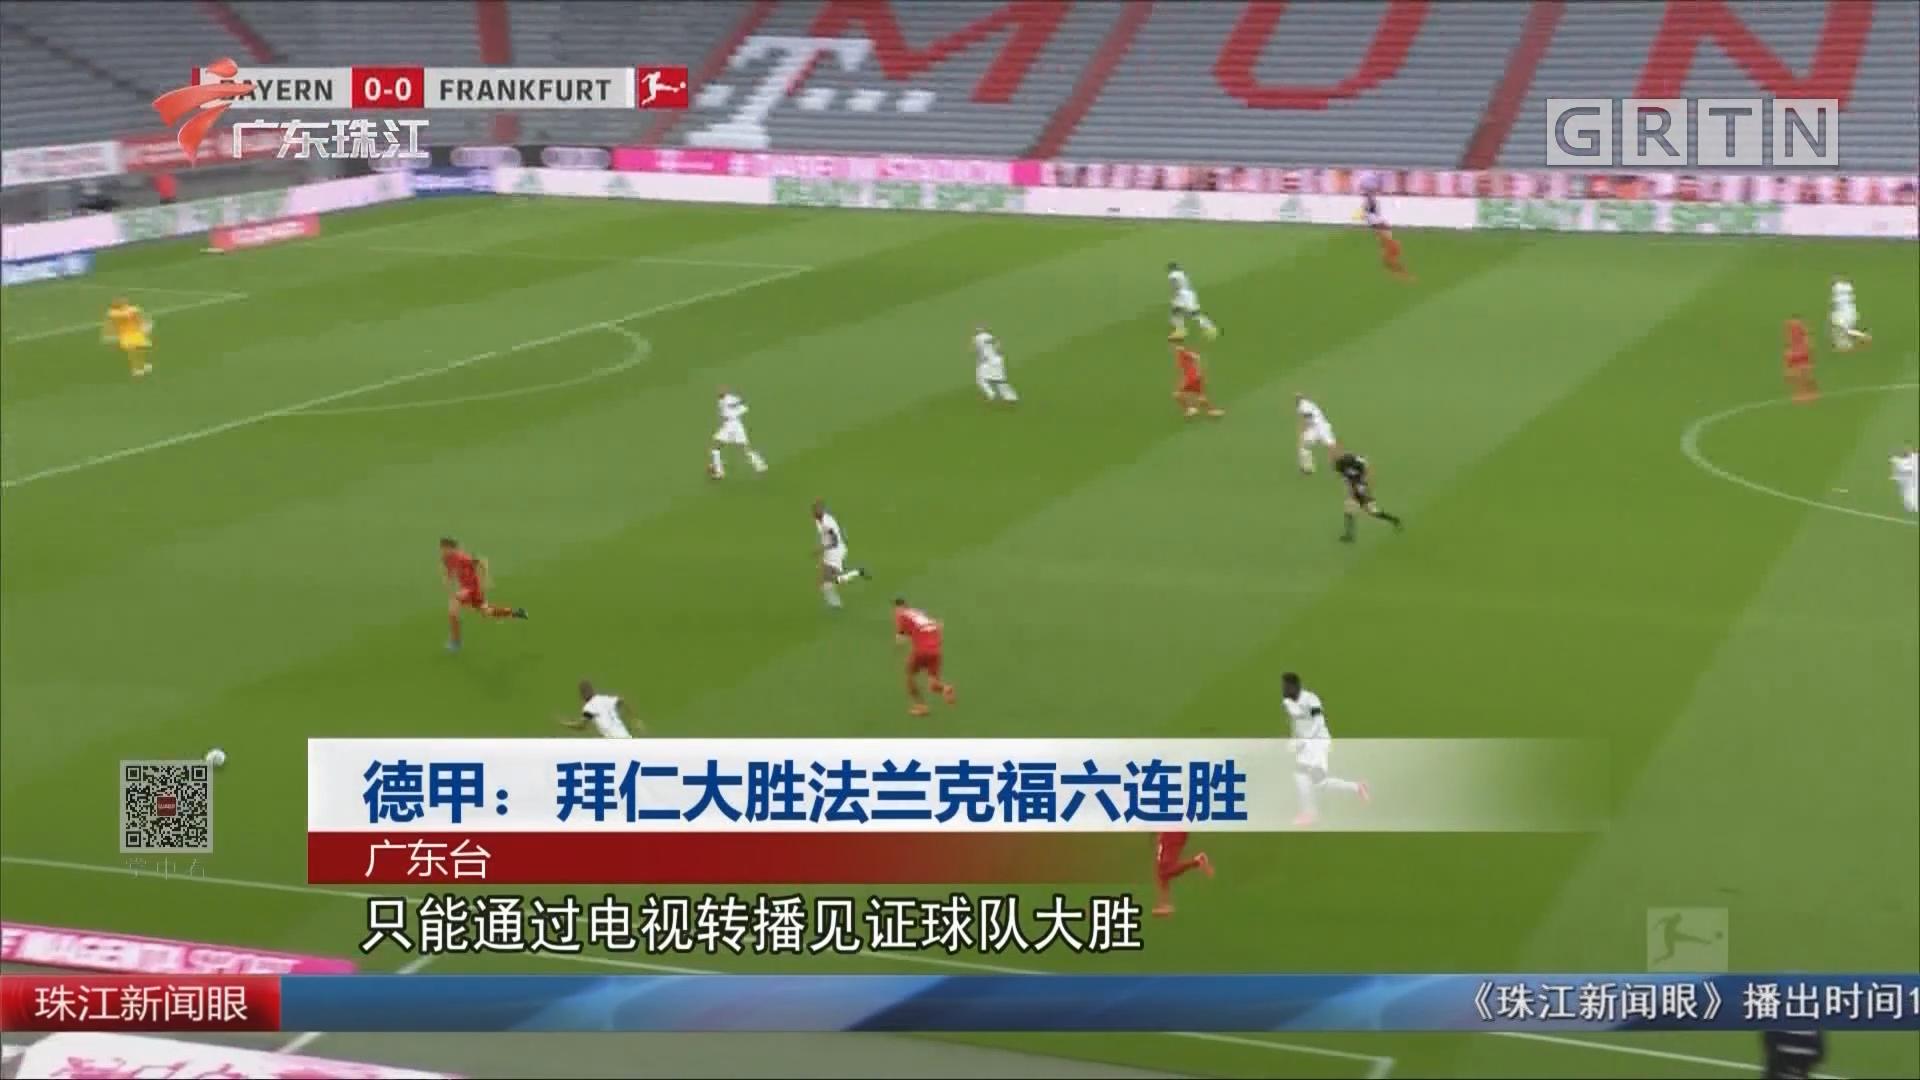 德甲:拜仁大胜法兰克福六连胜